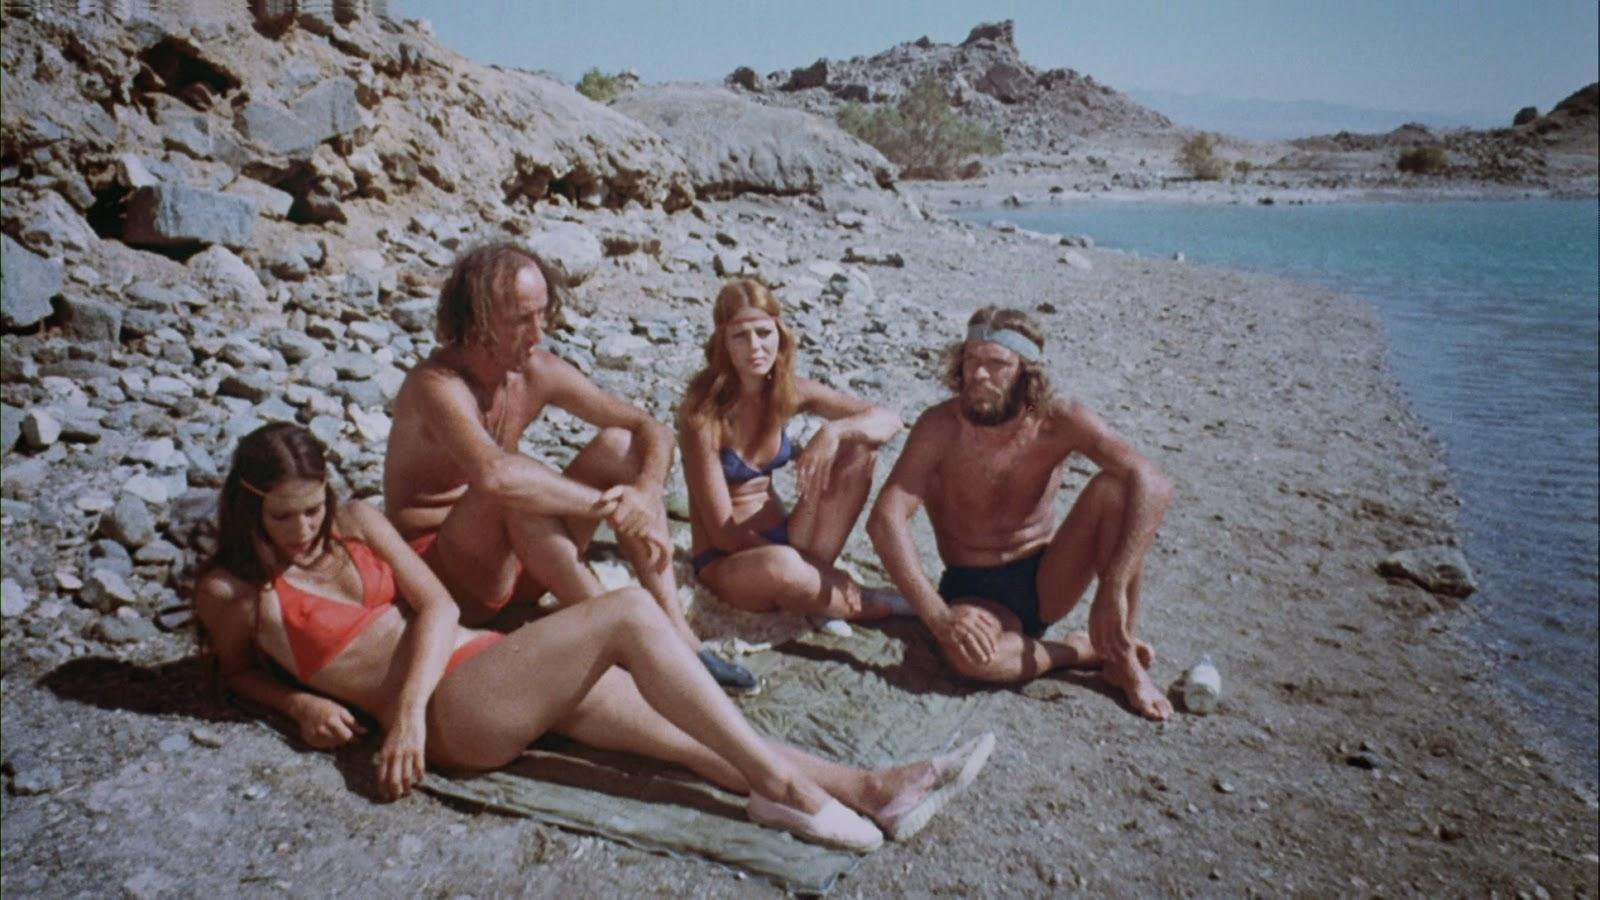 Фото голый семейный нудизм, Фото нудистов на пляже, семейный нудизм и фото 14 фотография